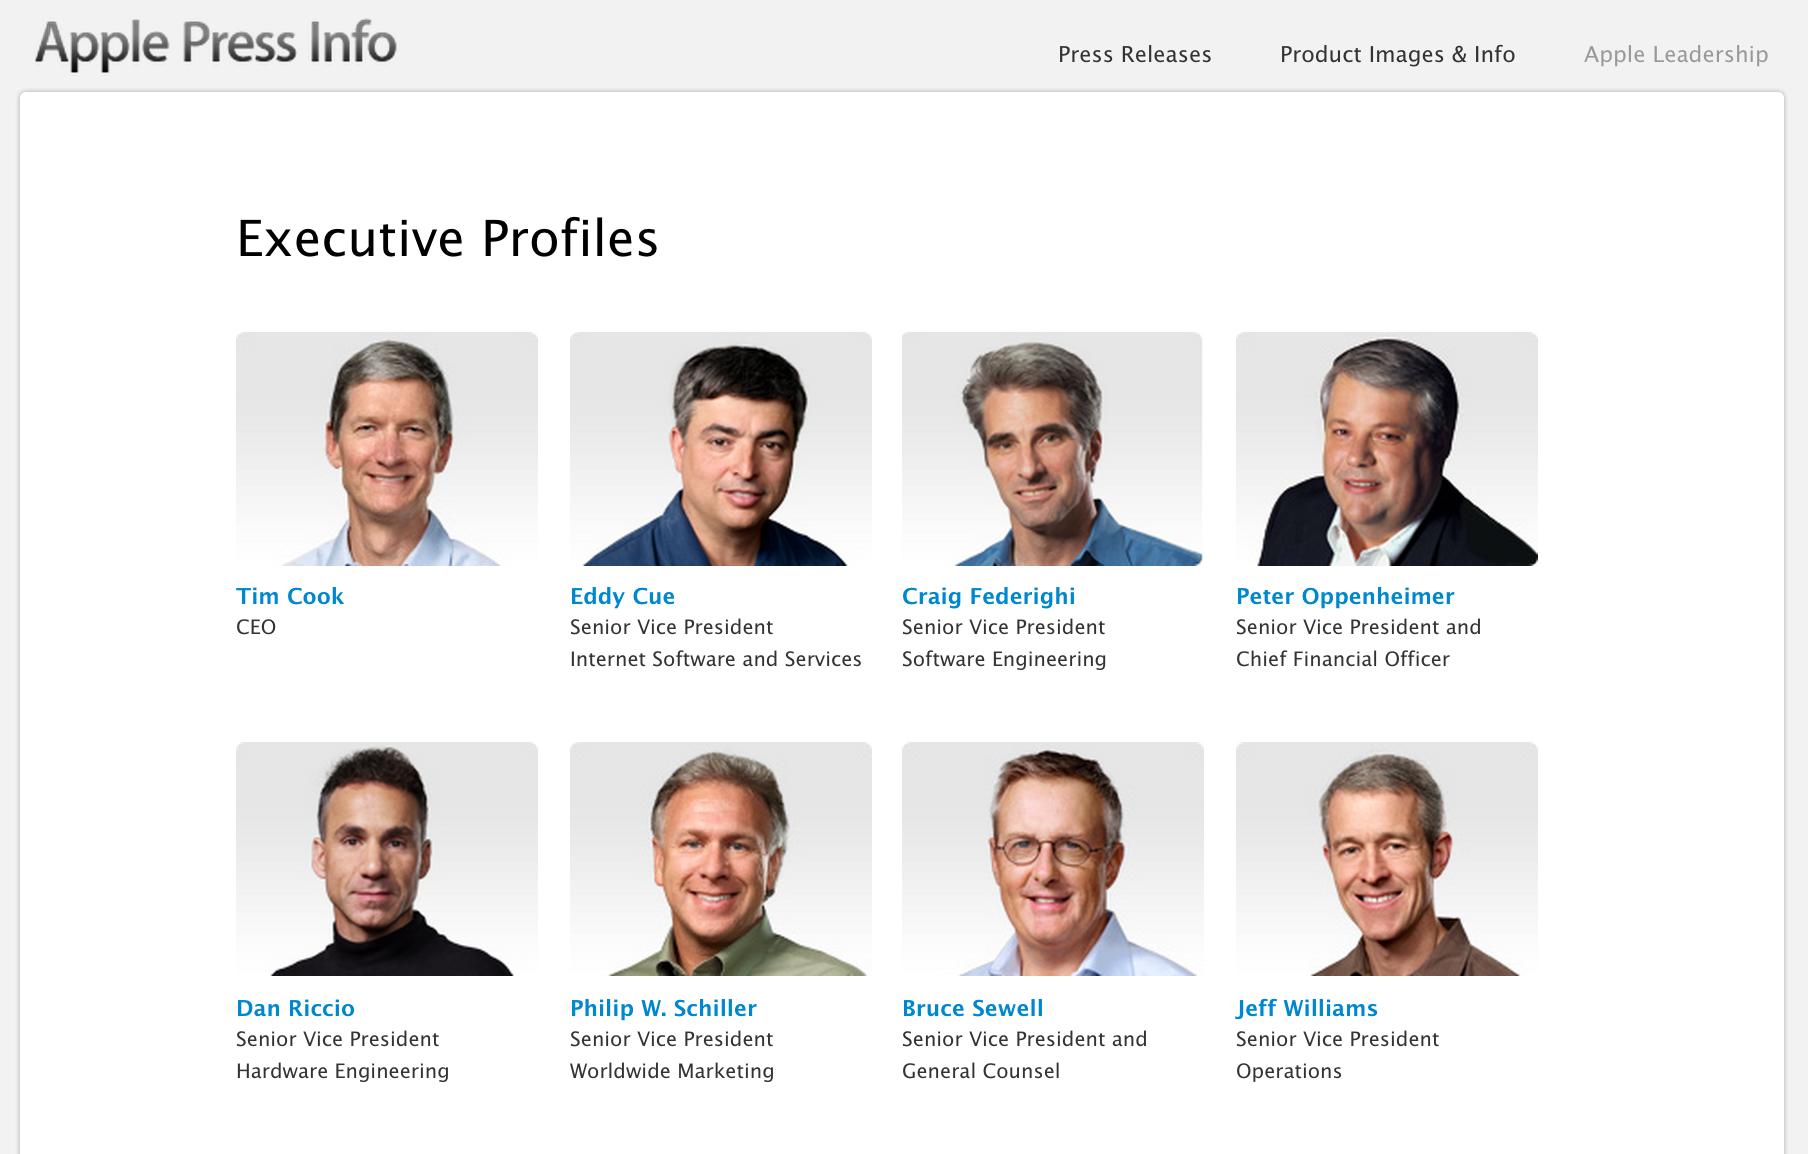 【更新】iPhoneとiOS 7などをデザインしたジョナサン・アイブがAppleの役員リストから削除される